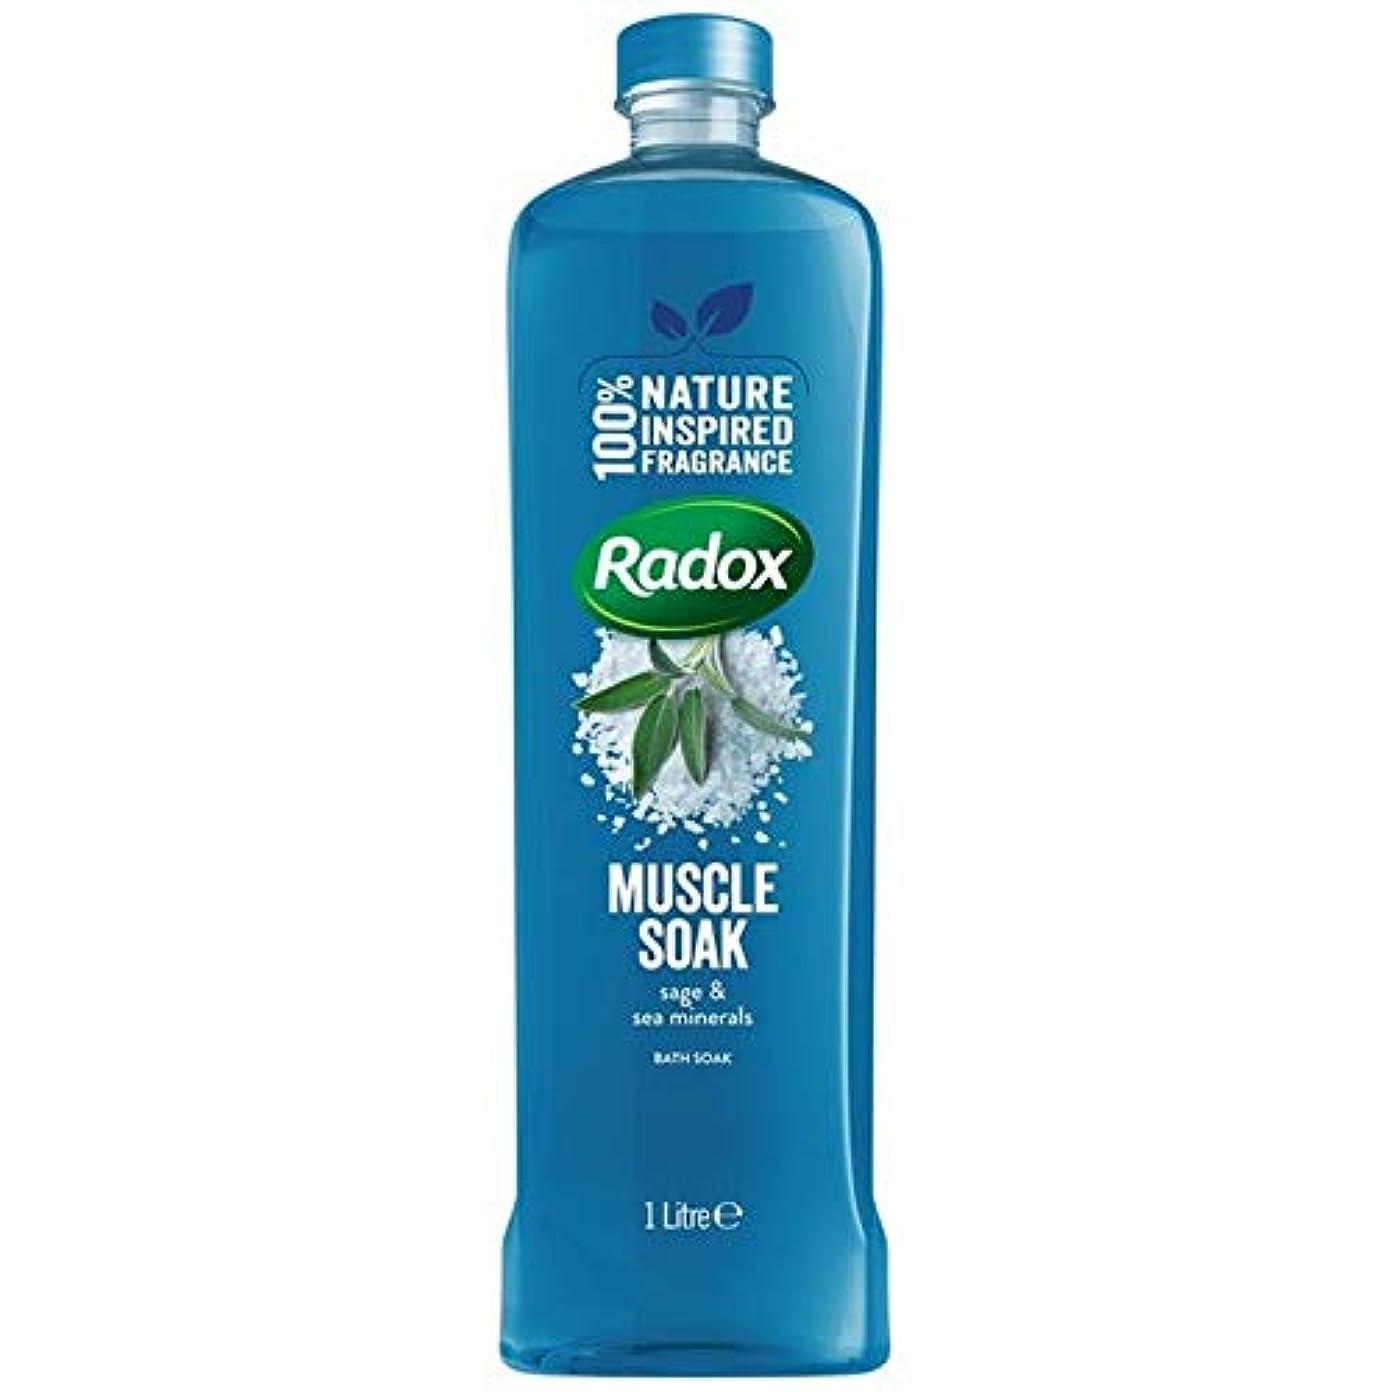 真夜中面倒巨人[Radox] Radox筋はセージ&海のミネラルの1リットルに浸し風呂につかります - Radox Muscle Soak Bath Soak with Sage & Sea Minerals 1L [並行輸入品]